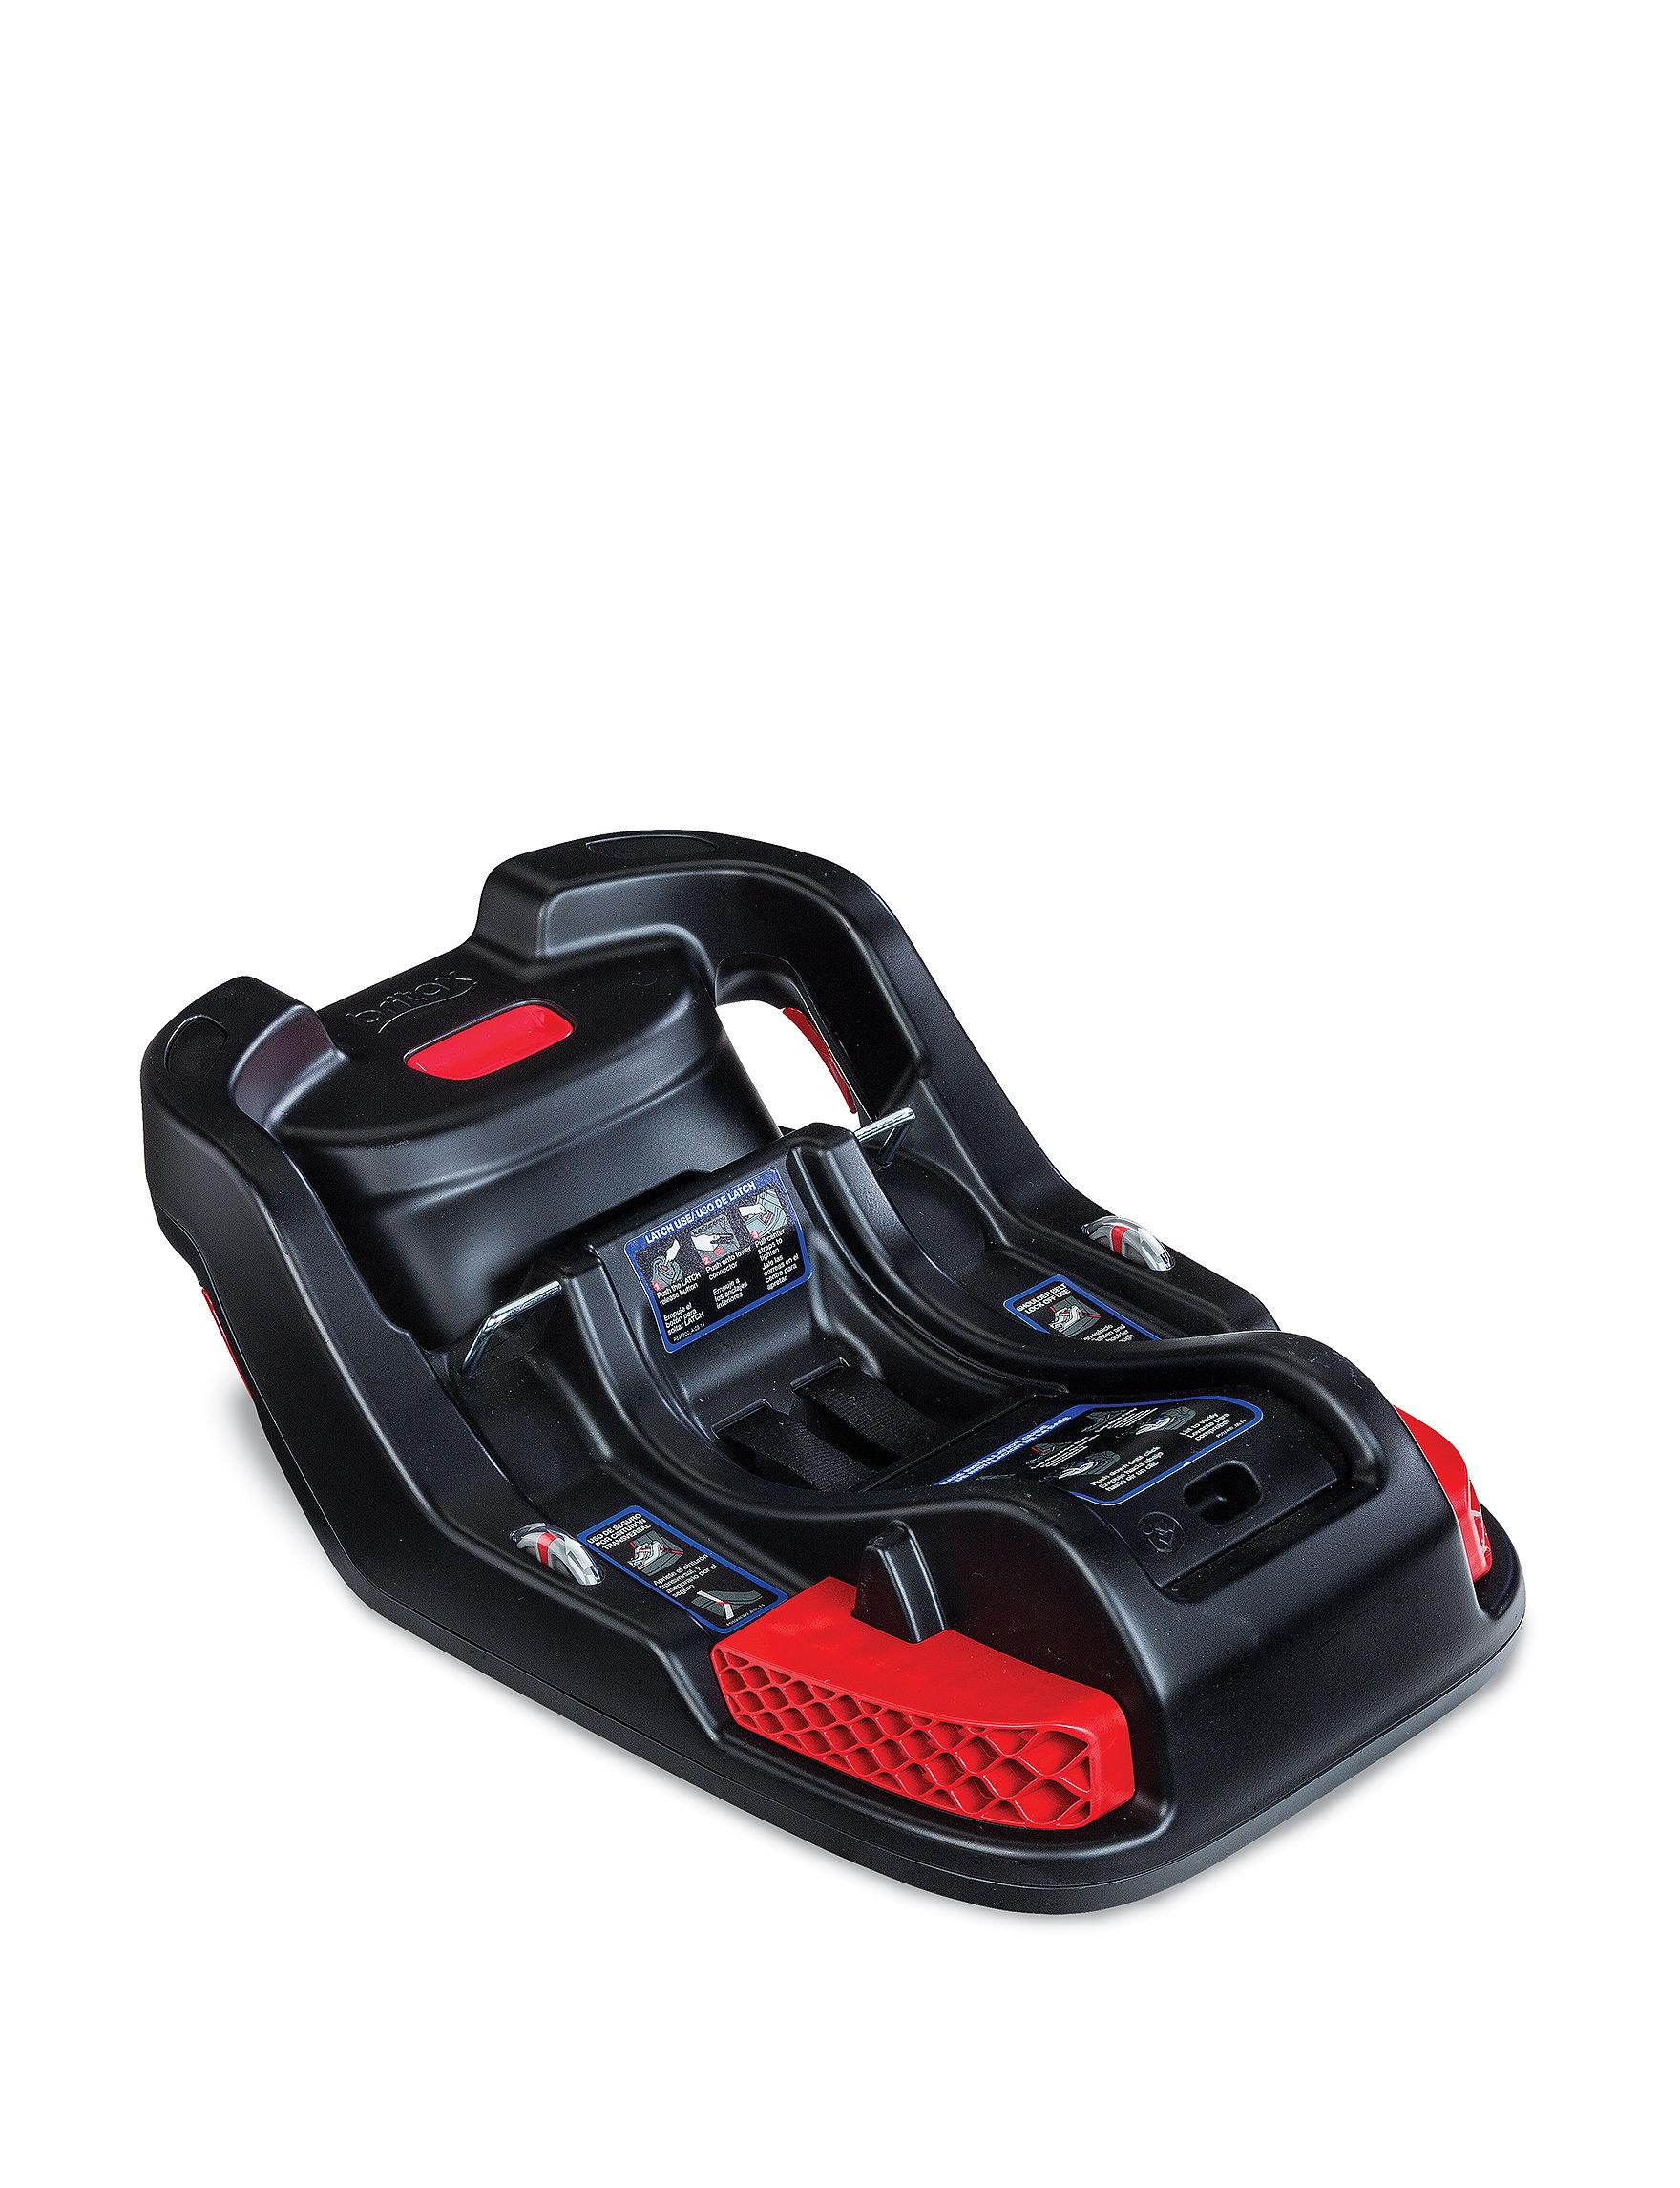 Britax Black Car Seats